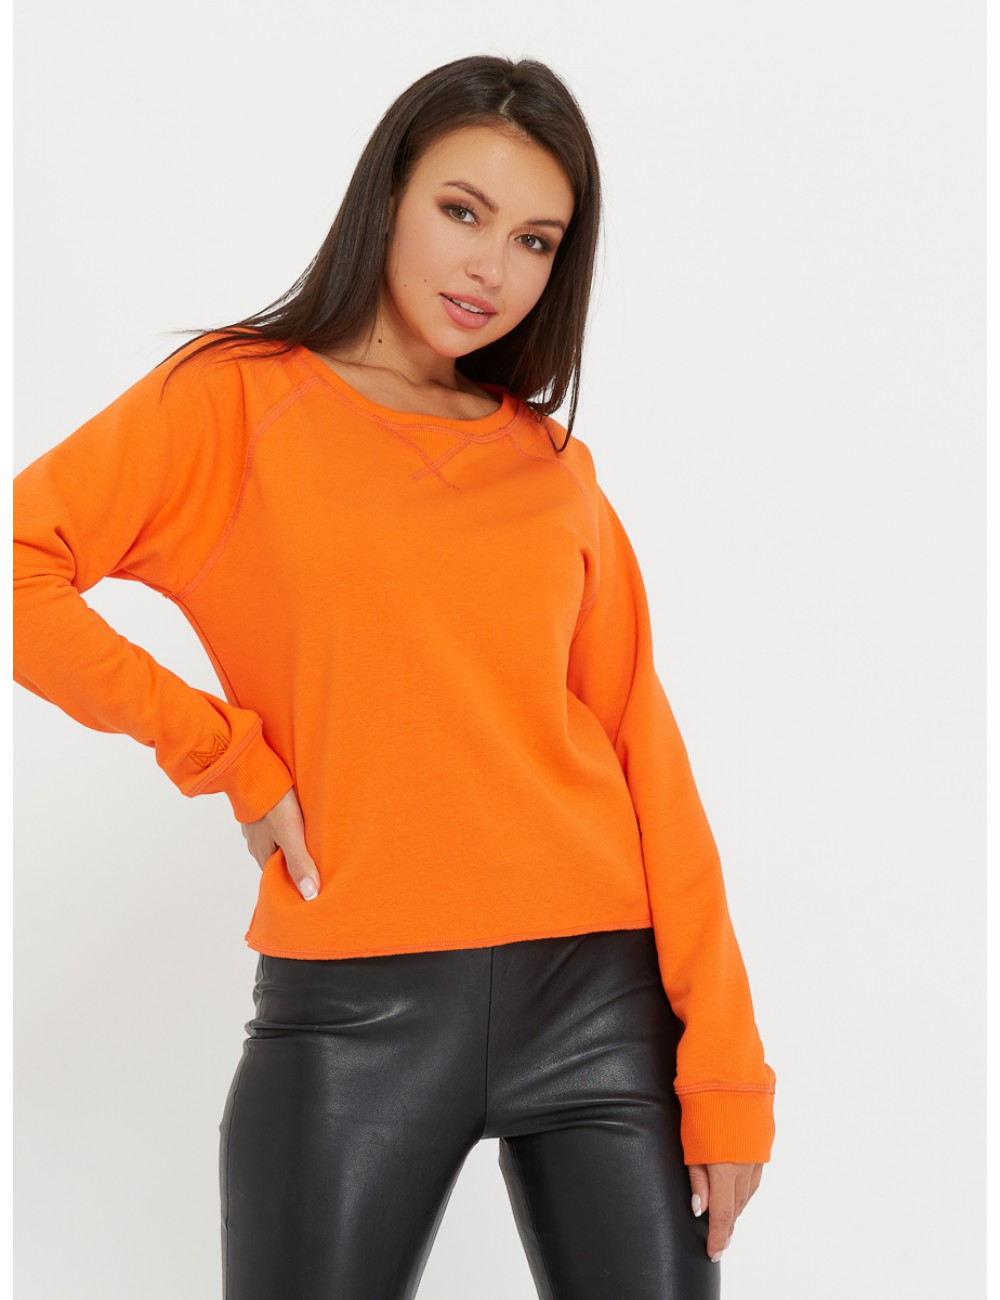 Sweatshirt OVERLOCK